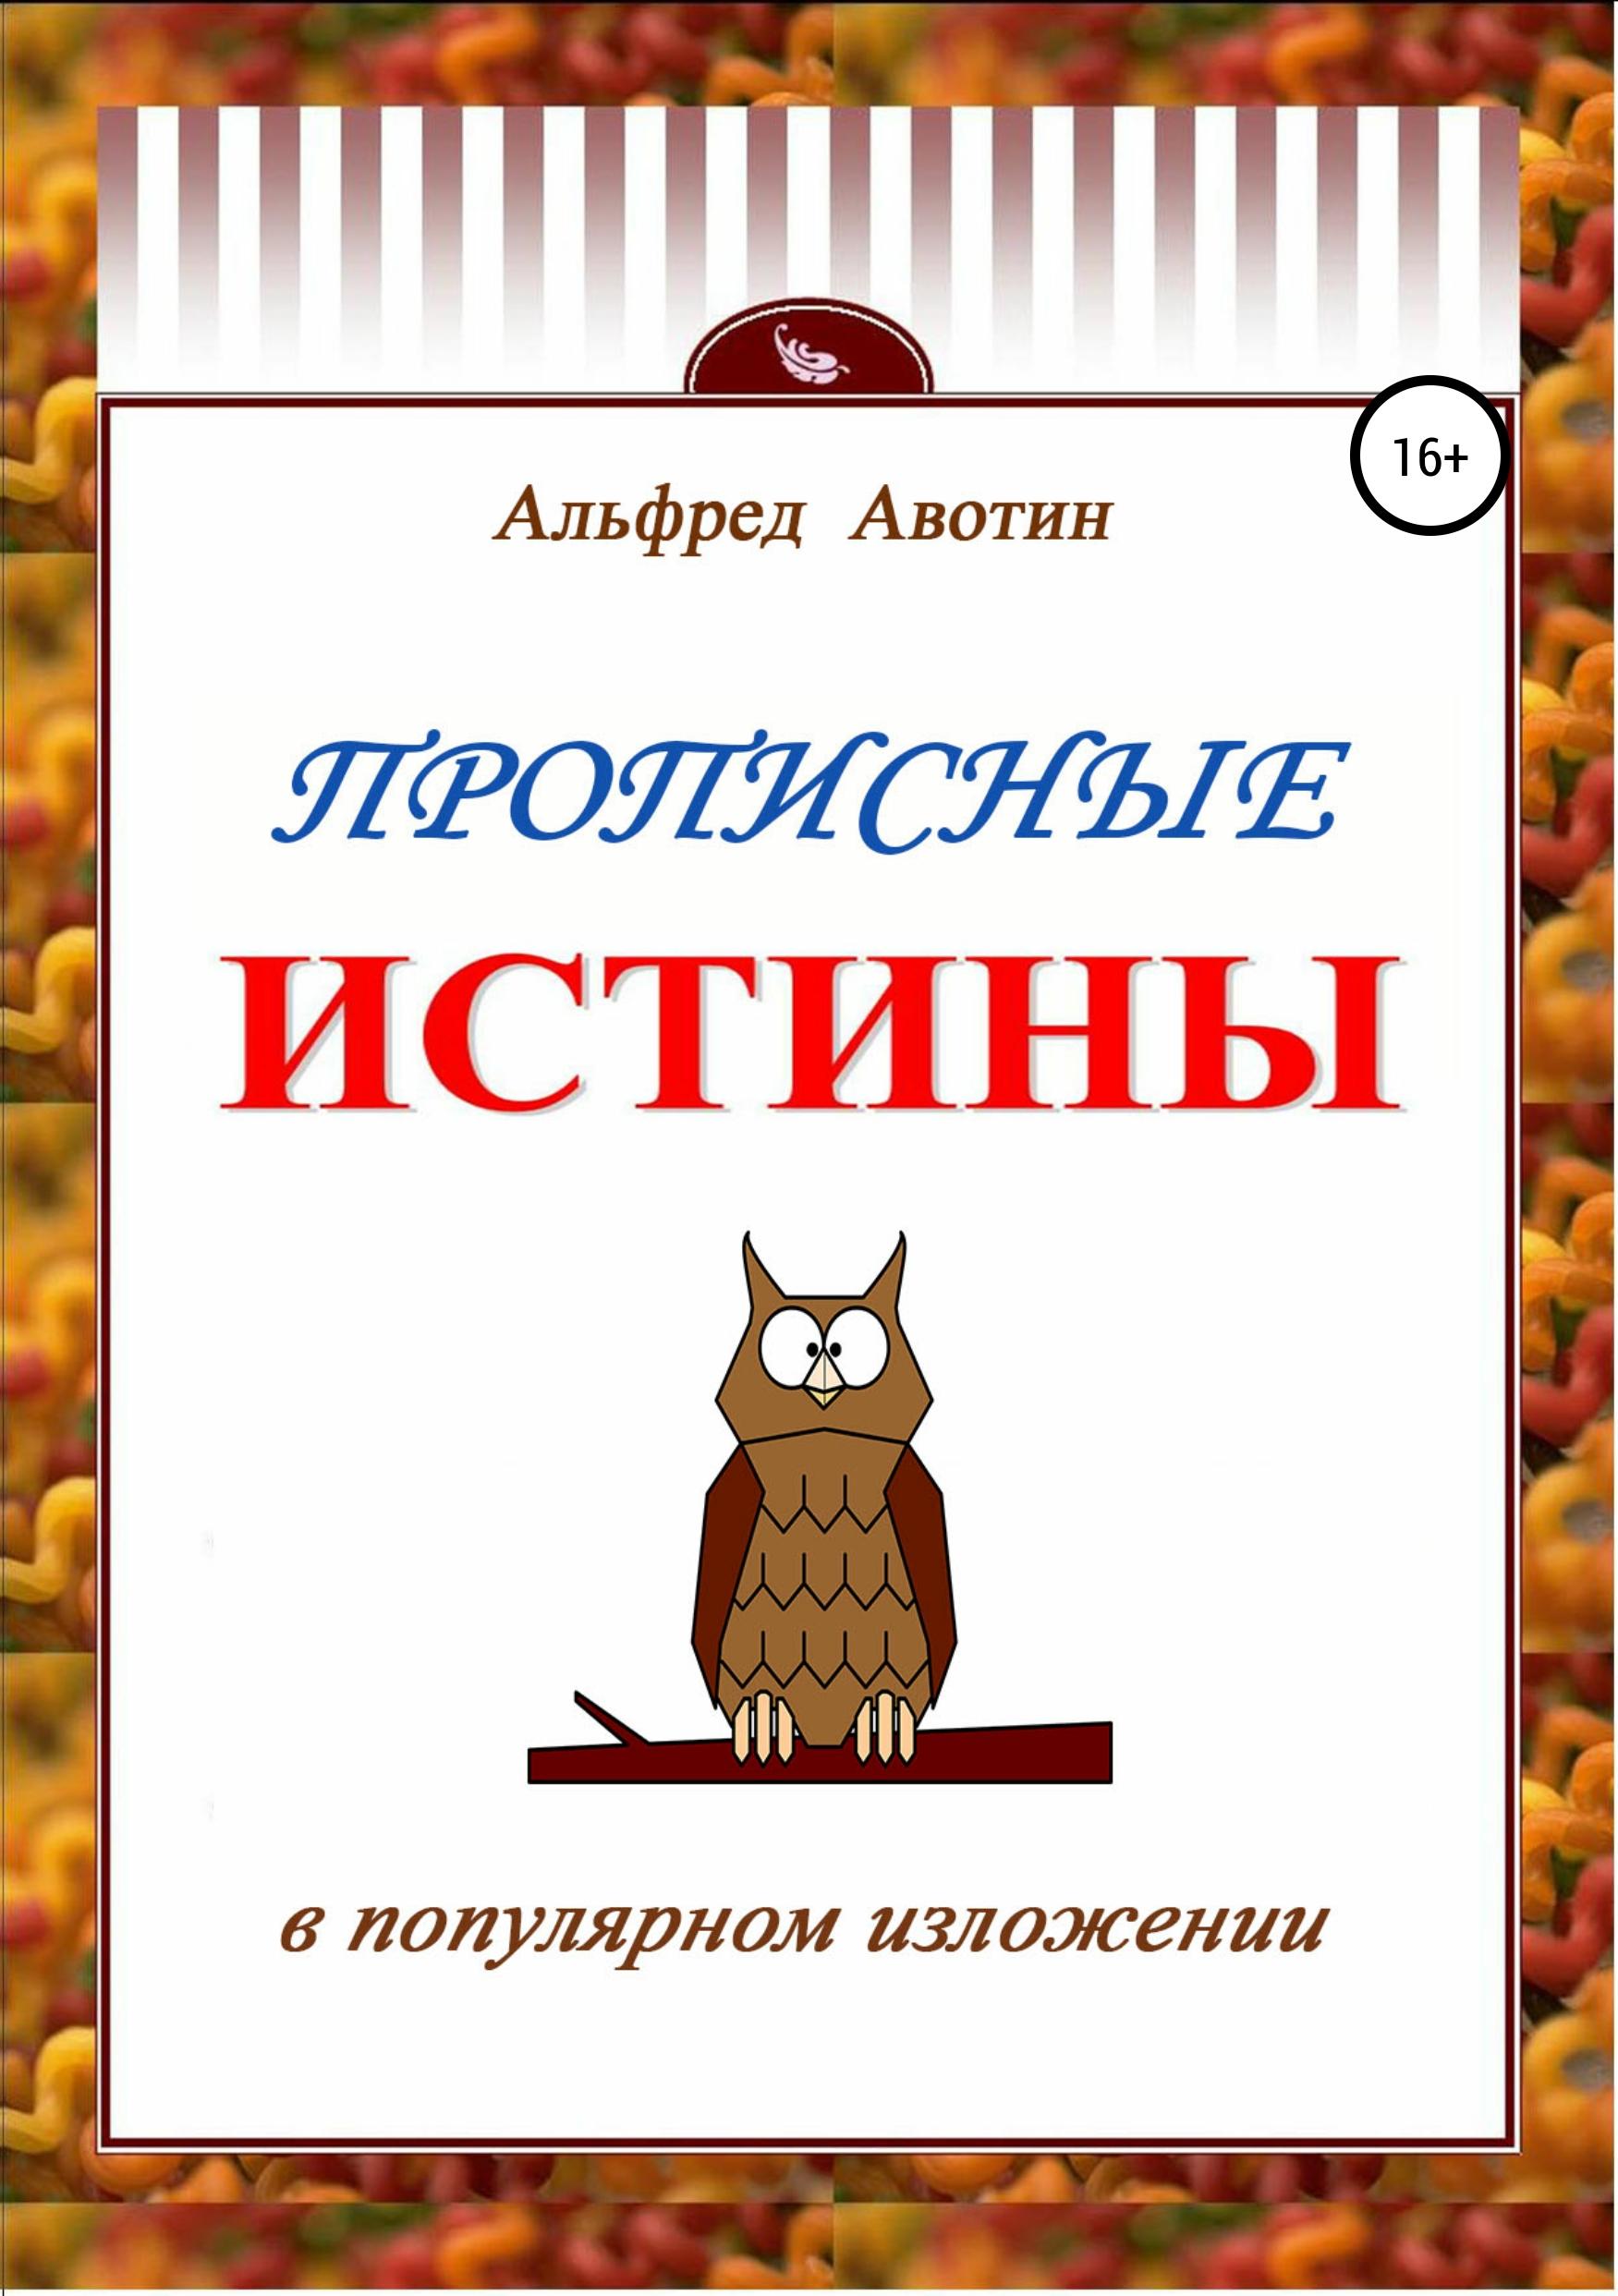 Альфред Янович Авотин Прописные истины в популярном изложении закон божий в современной редакции и популярном изложении